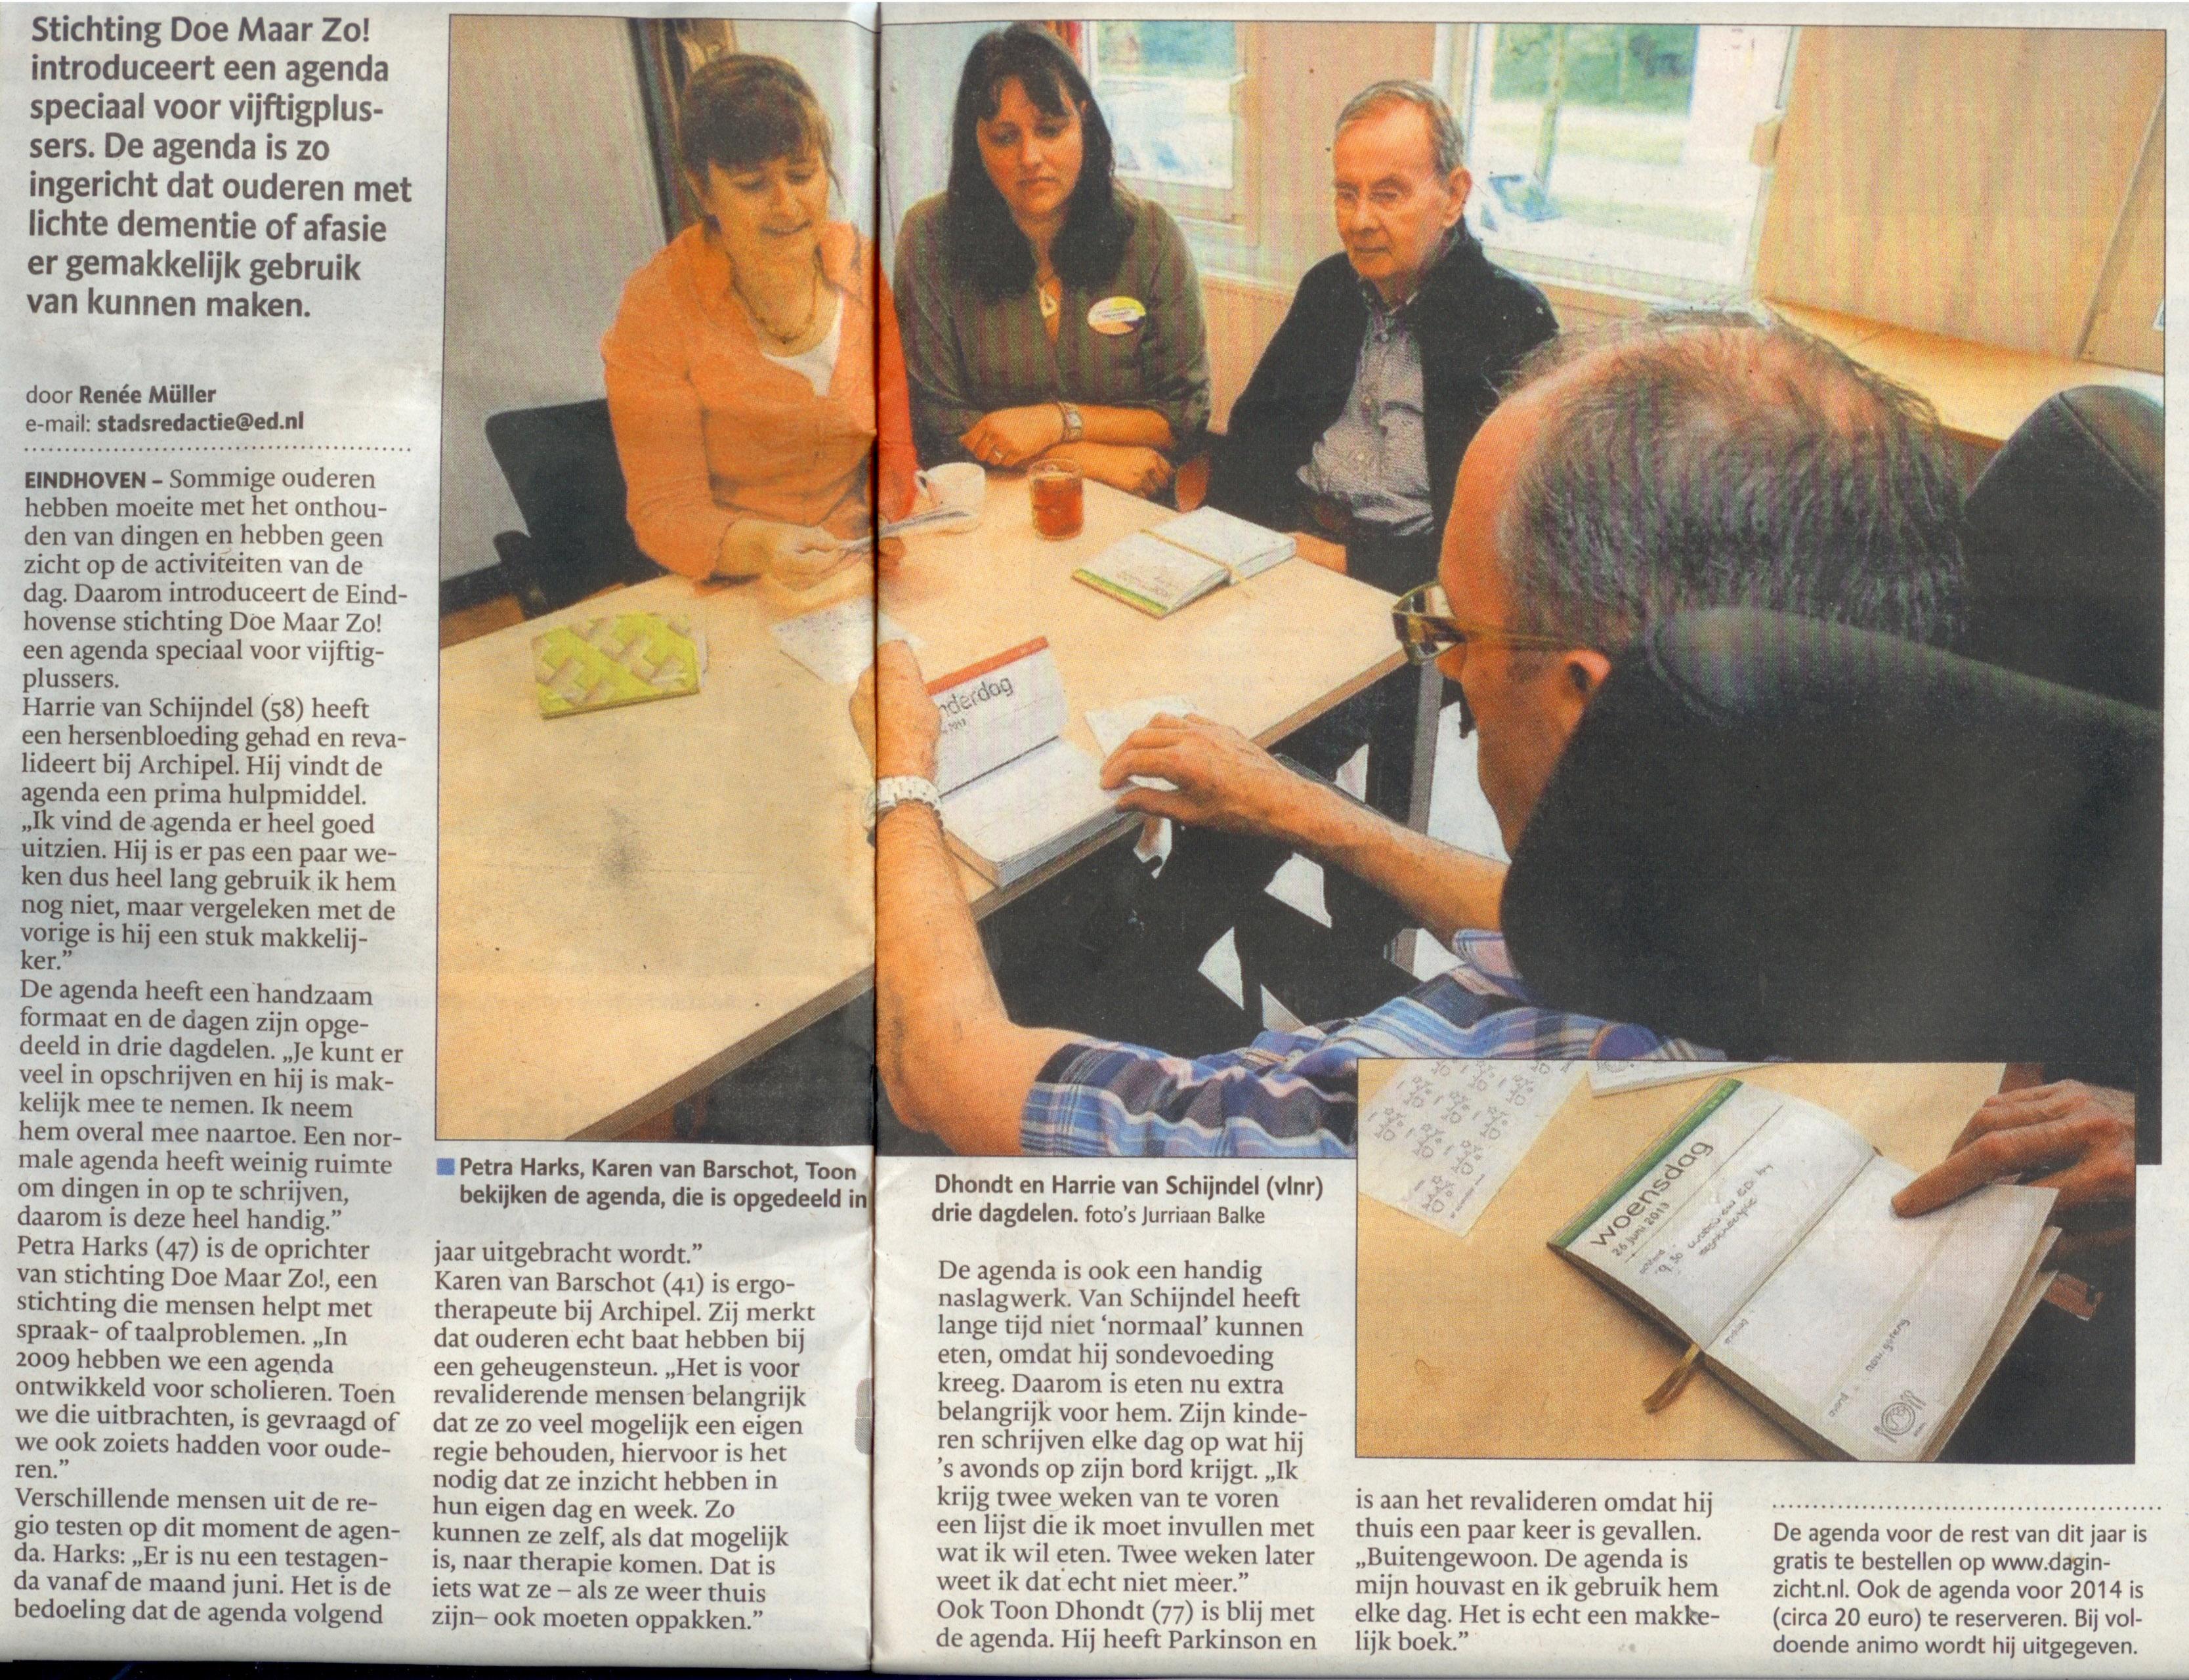 artikel over daginzicht agenda in het Eindhovens Dagblad van 29 juni 2013